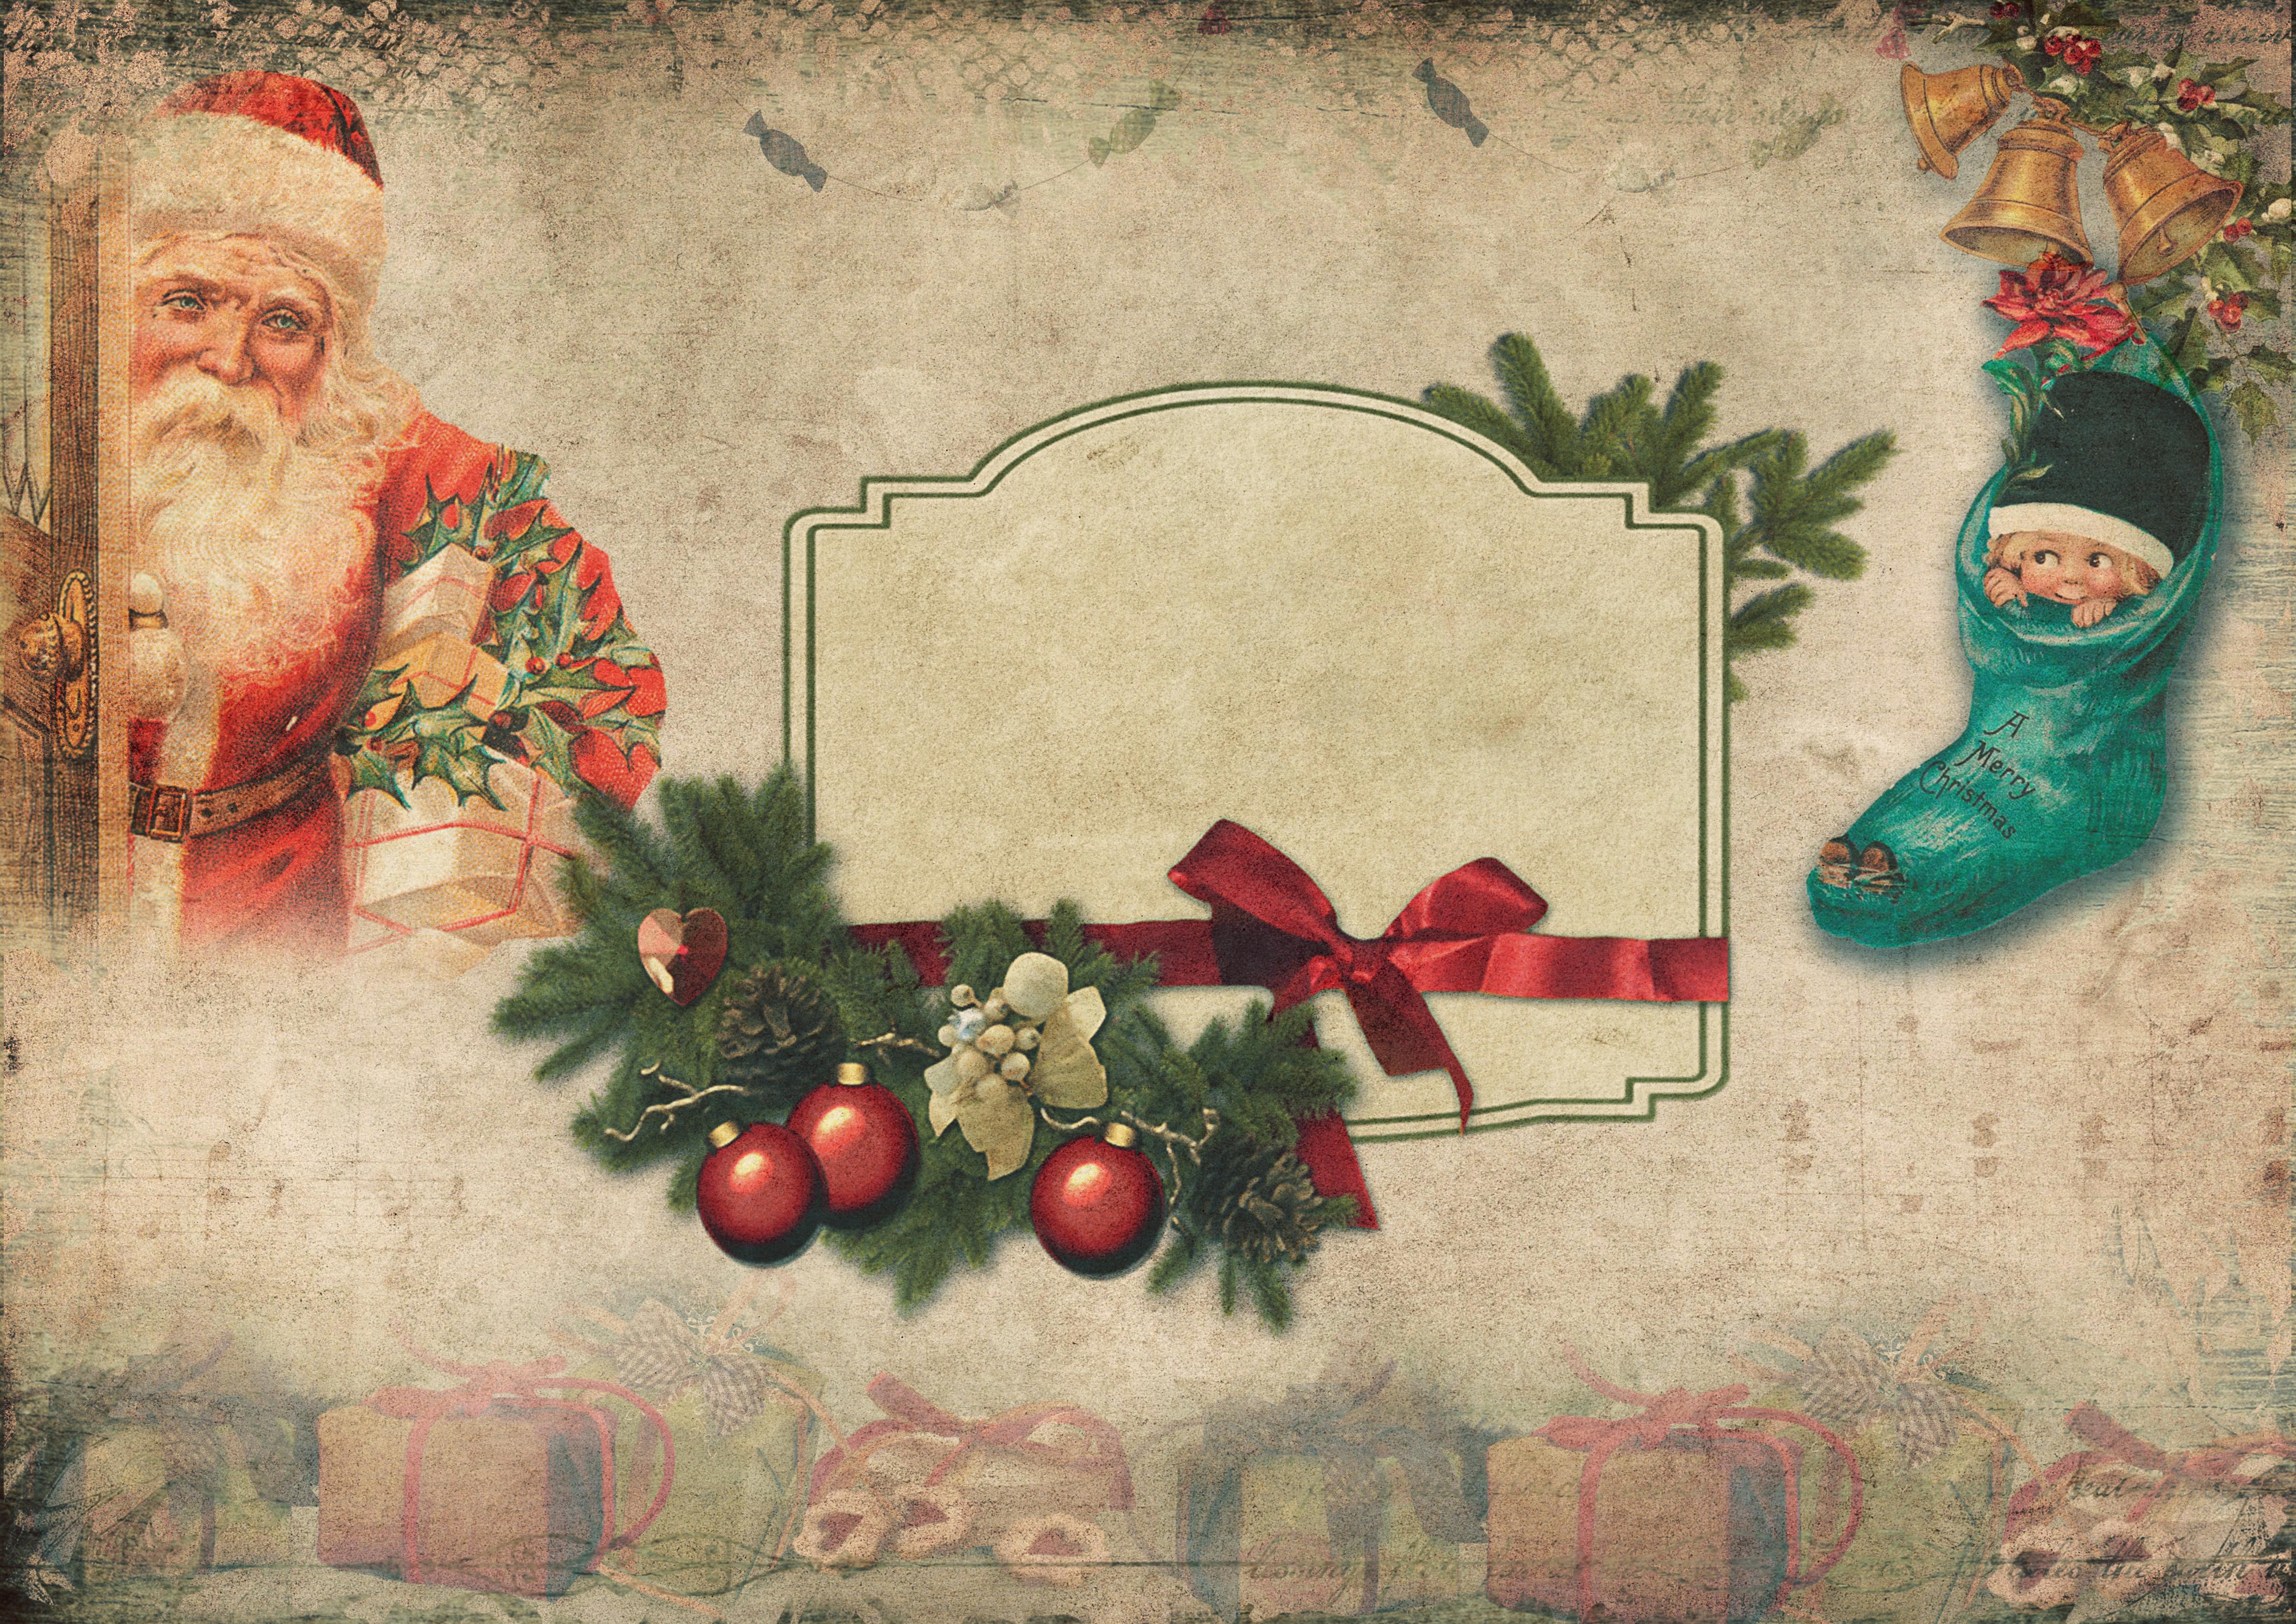 無料画像 サンタクロース プレゼント 子 可愛い 靴下 闘牛 弓 スクラップブック クリスマスカード Fir Branches 装飾的な 手のひら シック 壁紙 古い ビンテージ 挨拶 アート クリスマスの飾り クリスマスオーナメント 休日 花 架空の人物 図